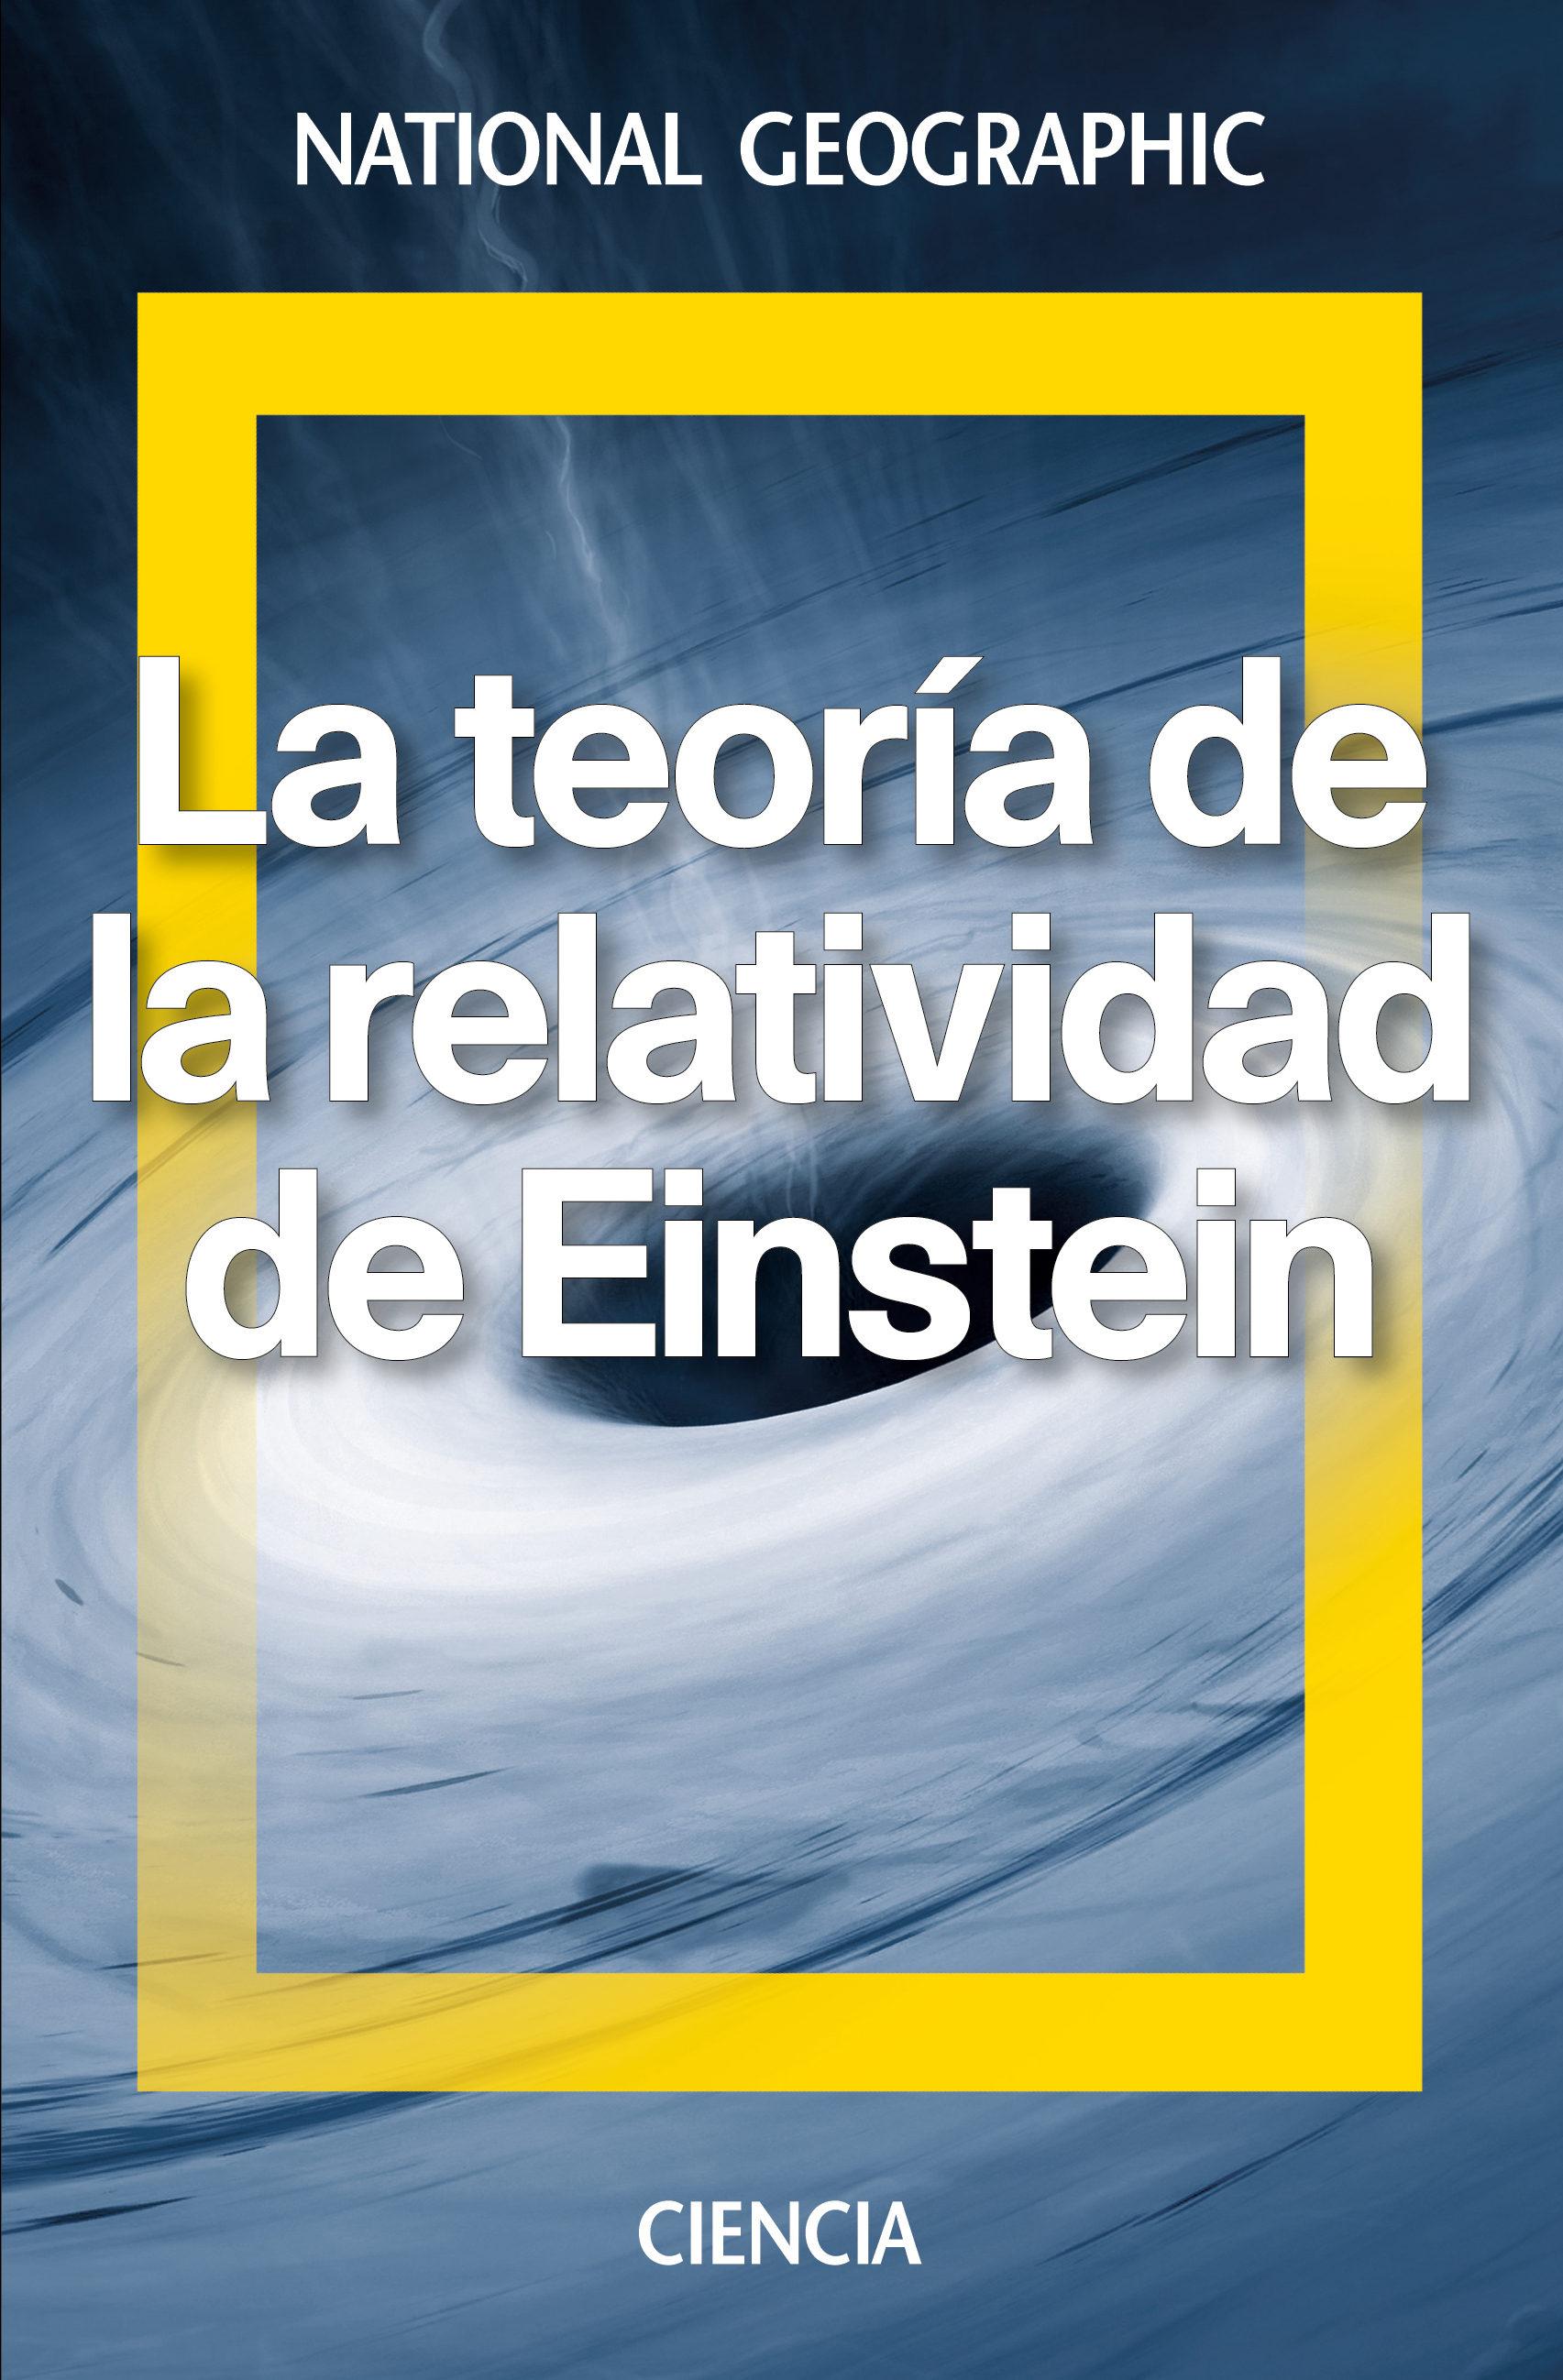 La teoría de la relatividad de Einstein. Por David Blanco Laserna